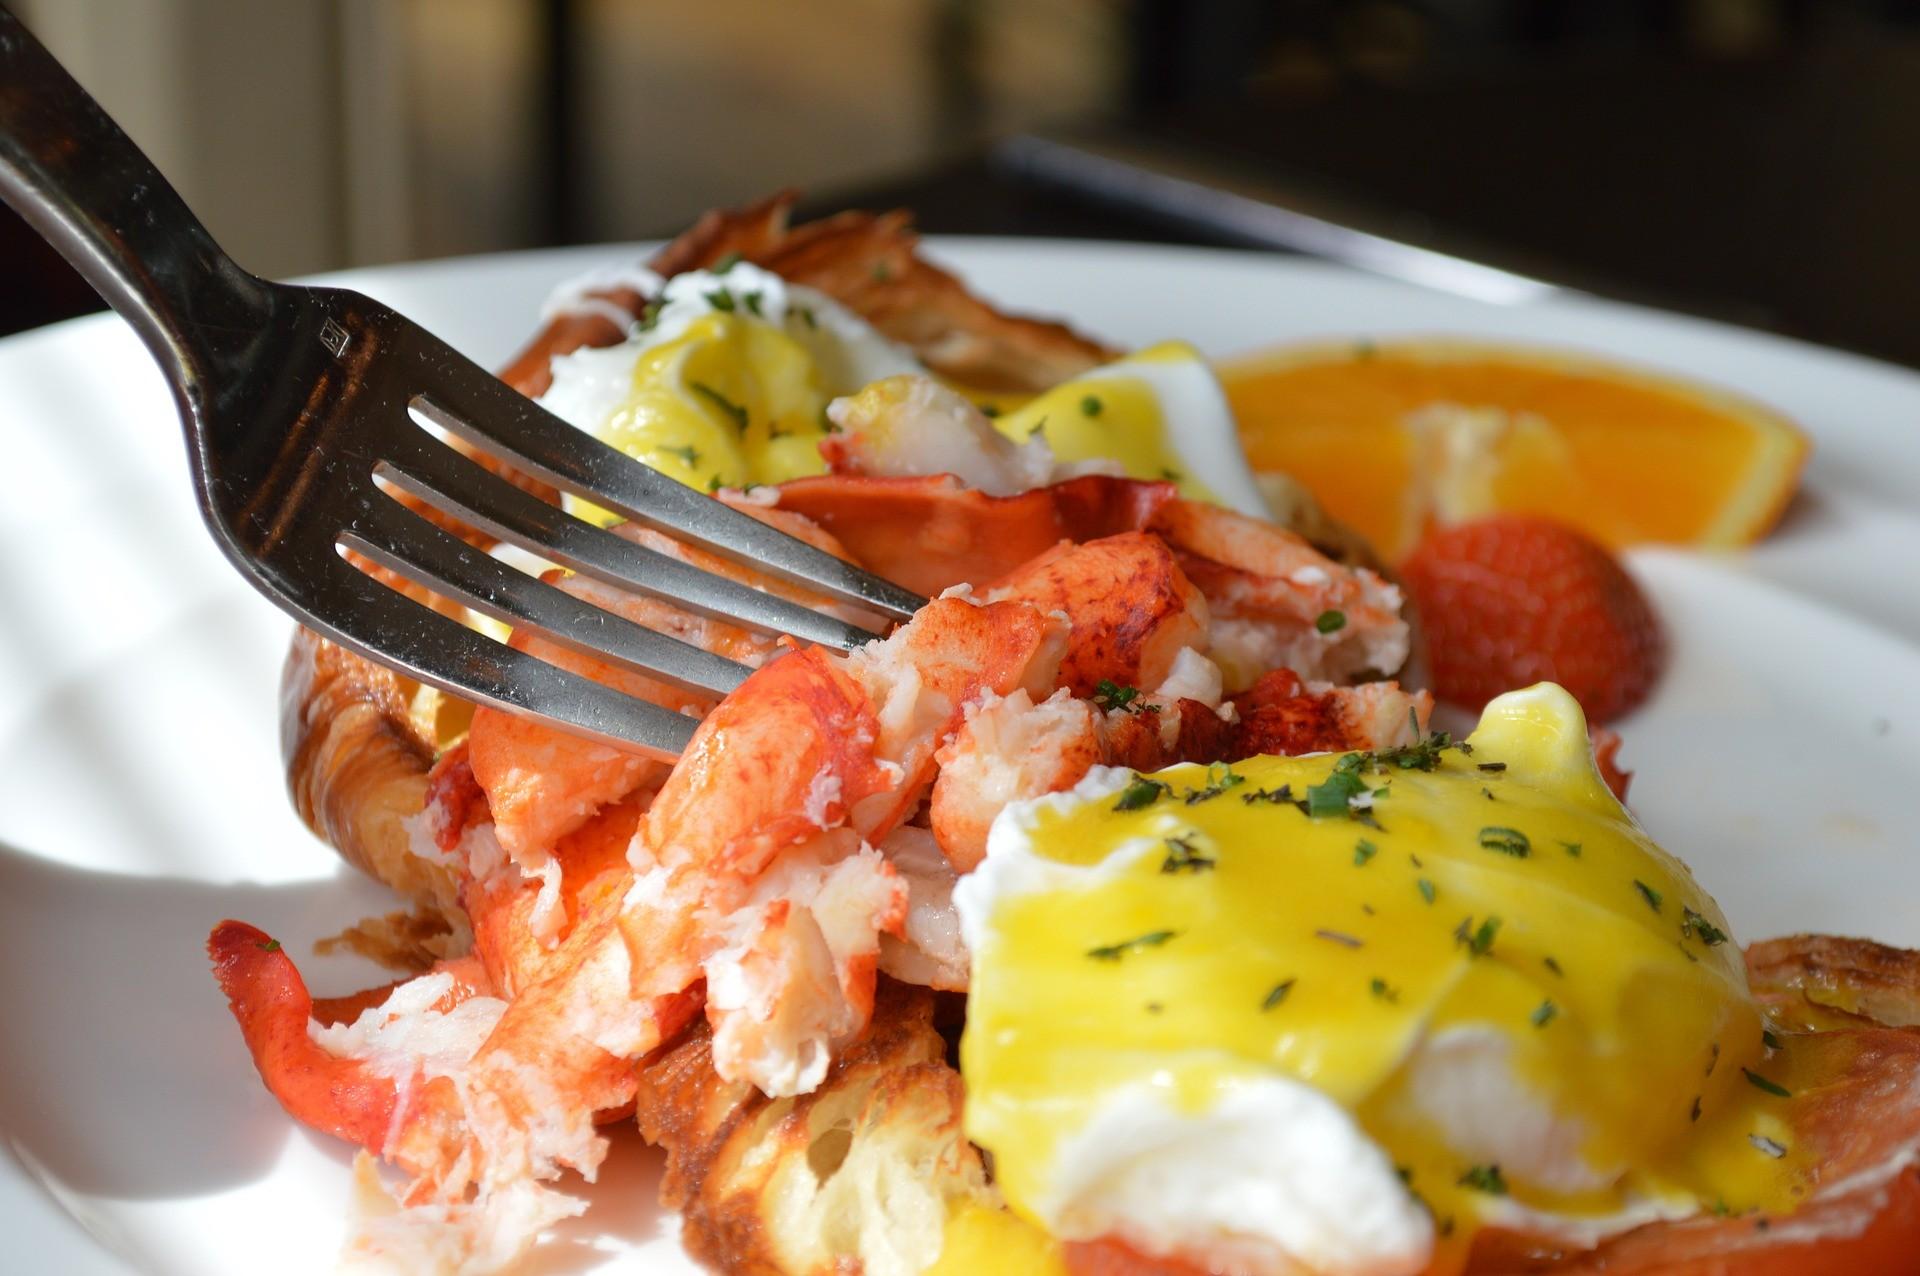 ▲雞蛋,班尼迪克蛋,水波蛋,早午餐,美食,食物,早餐。(圖/取自免費圖庫Pixabay)